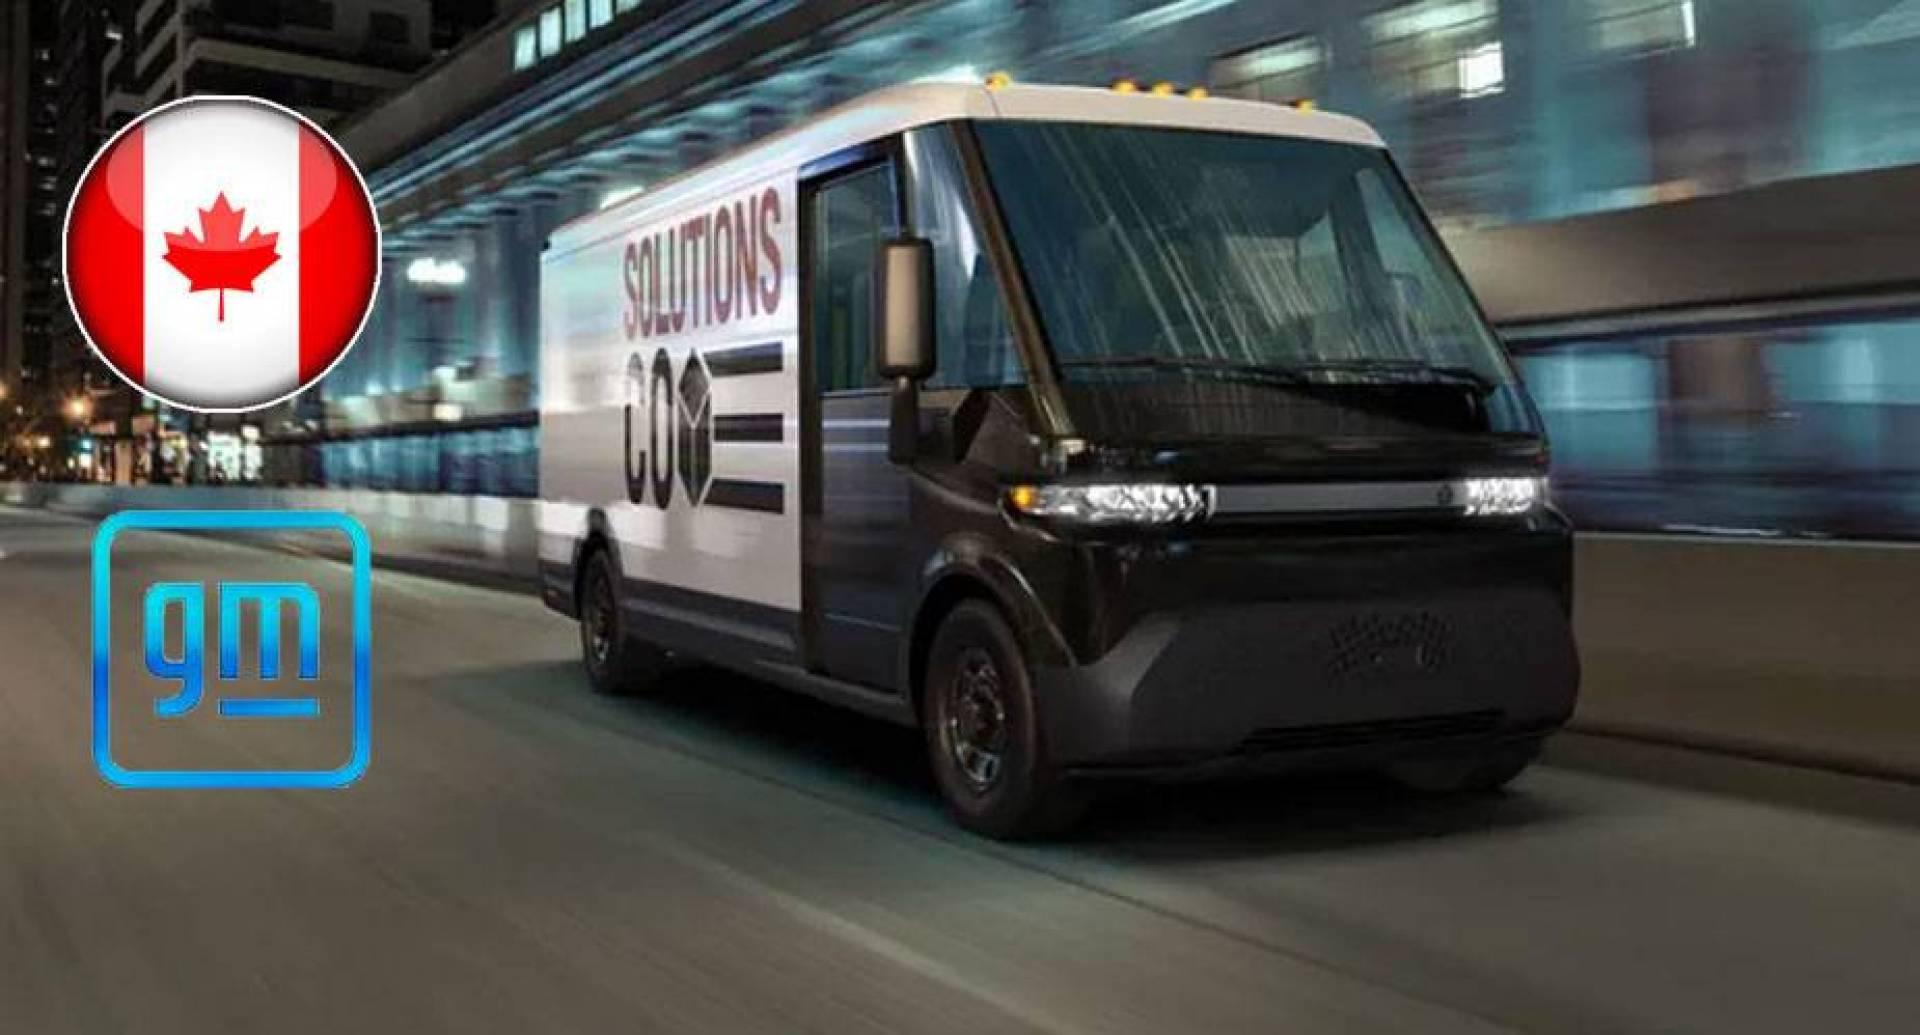 جنرال موتورز تستثمر 785 مليون دولار لتصنيع شاحنات كهربائية في كندا